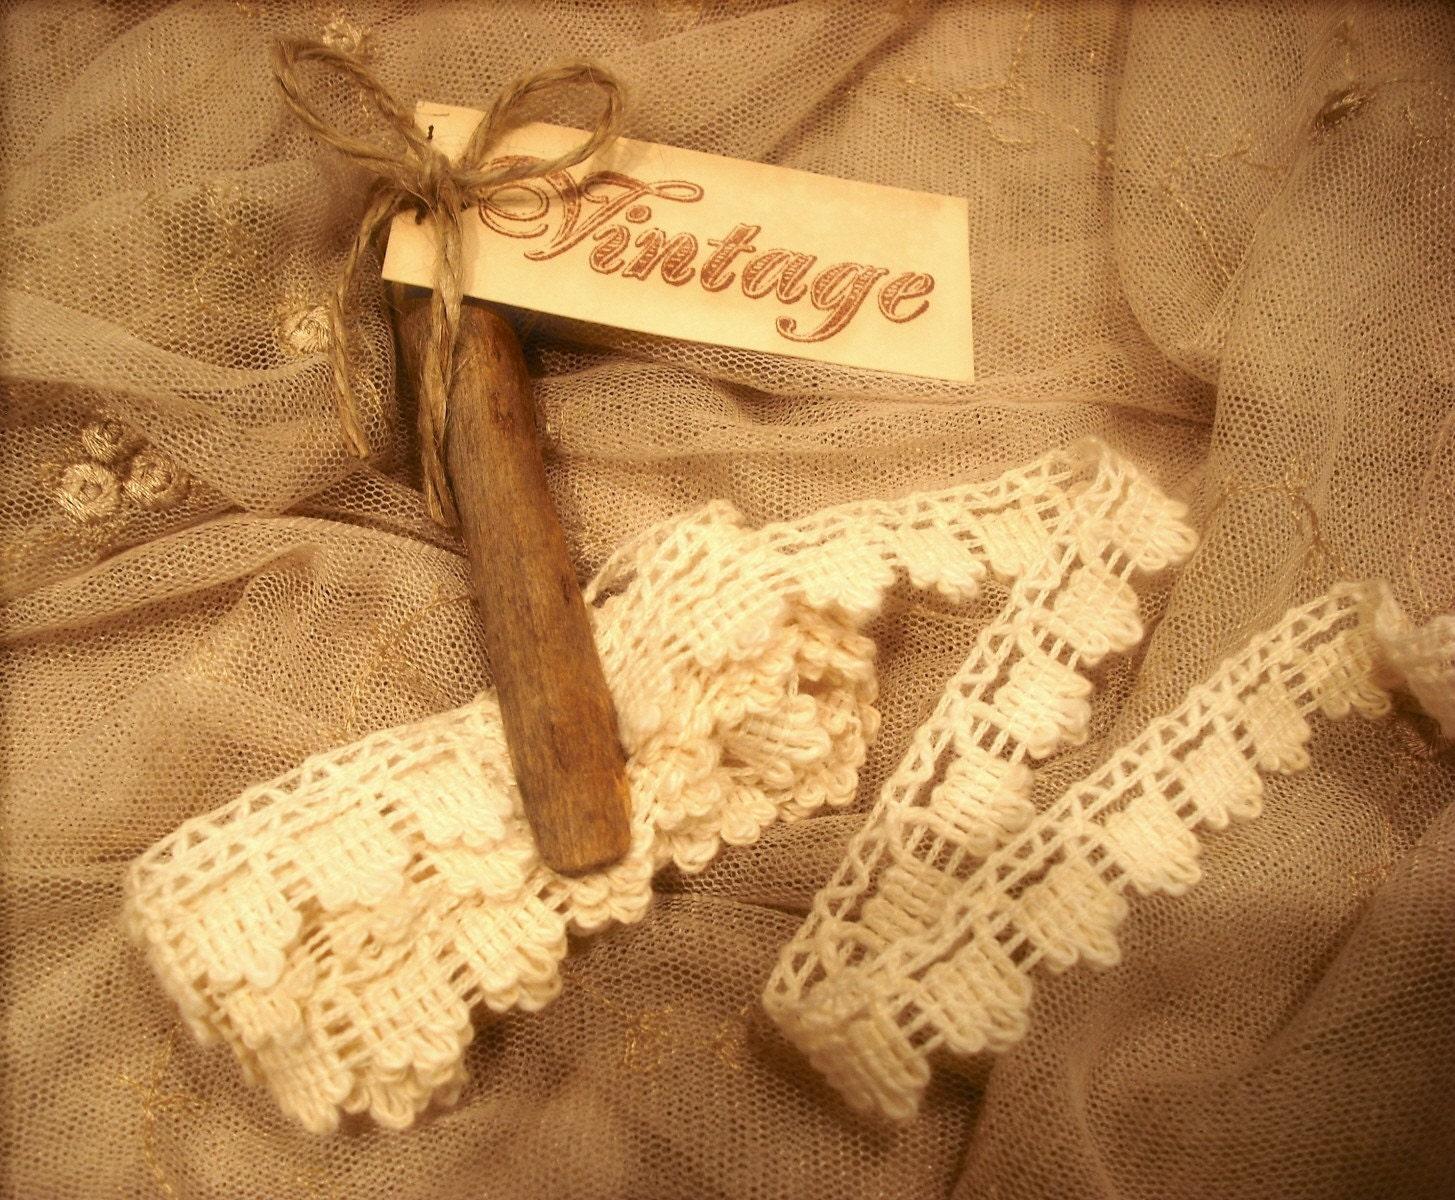 2 ярда Париже Блошиный / французский рынок Vintage кружево Вязание / Vintage прищепка / VINTAGE тегов